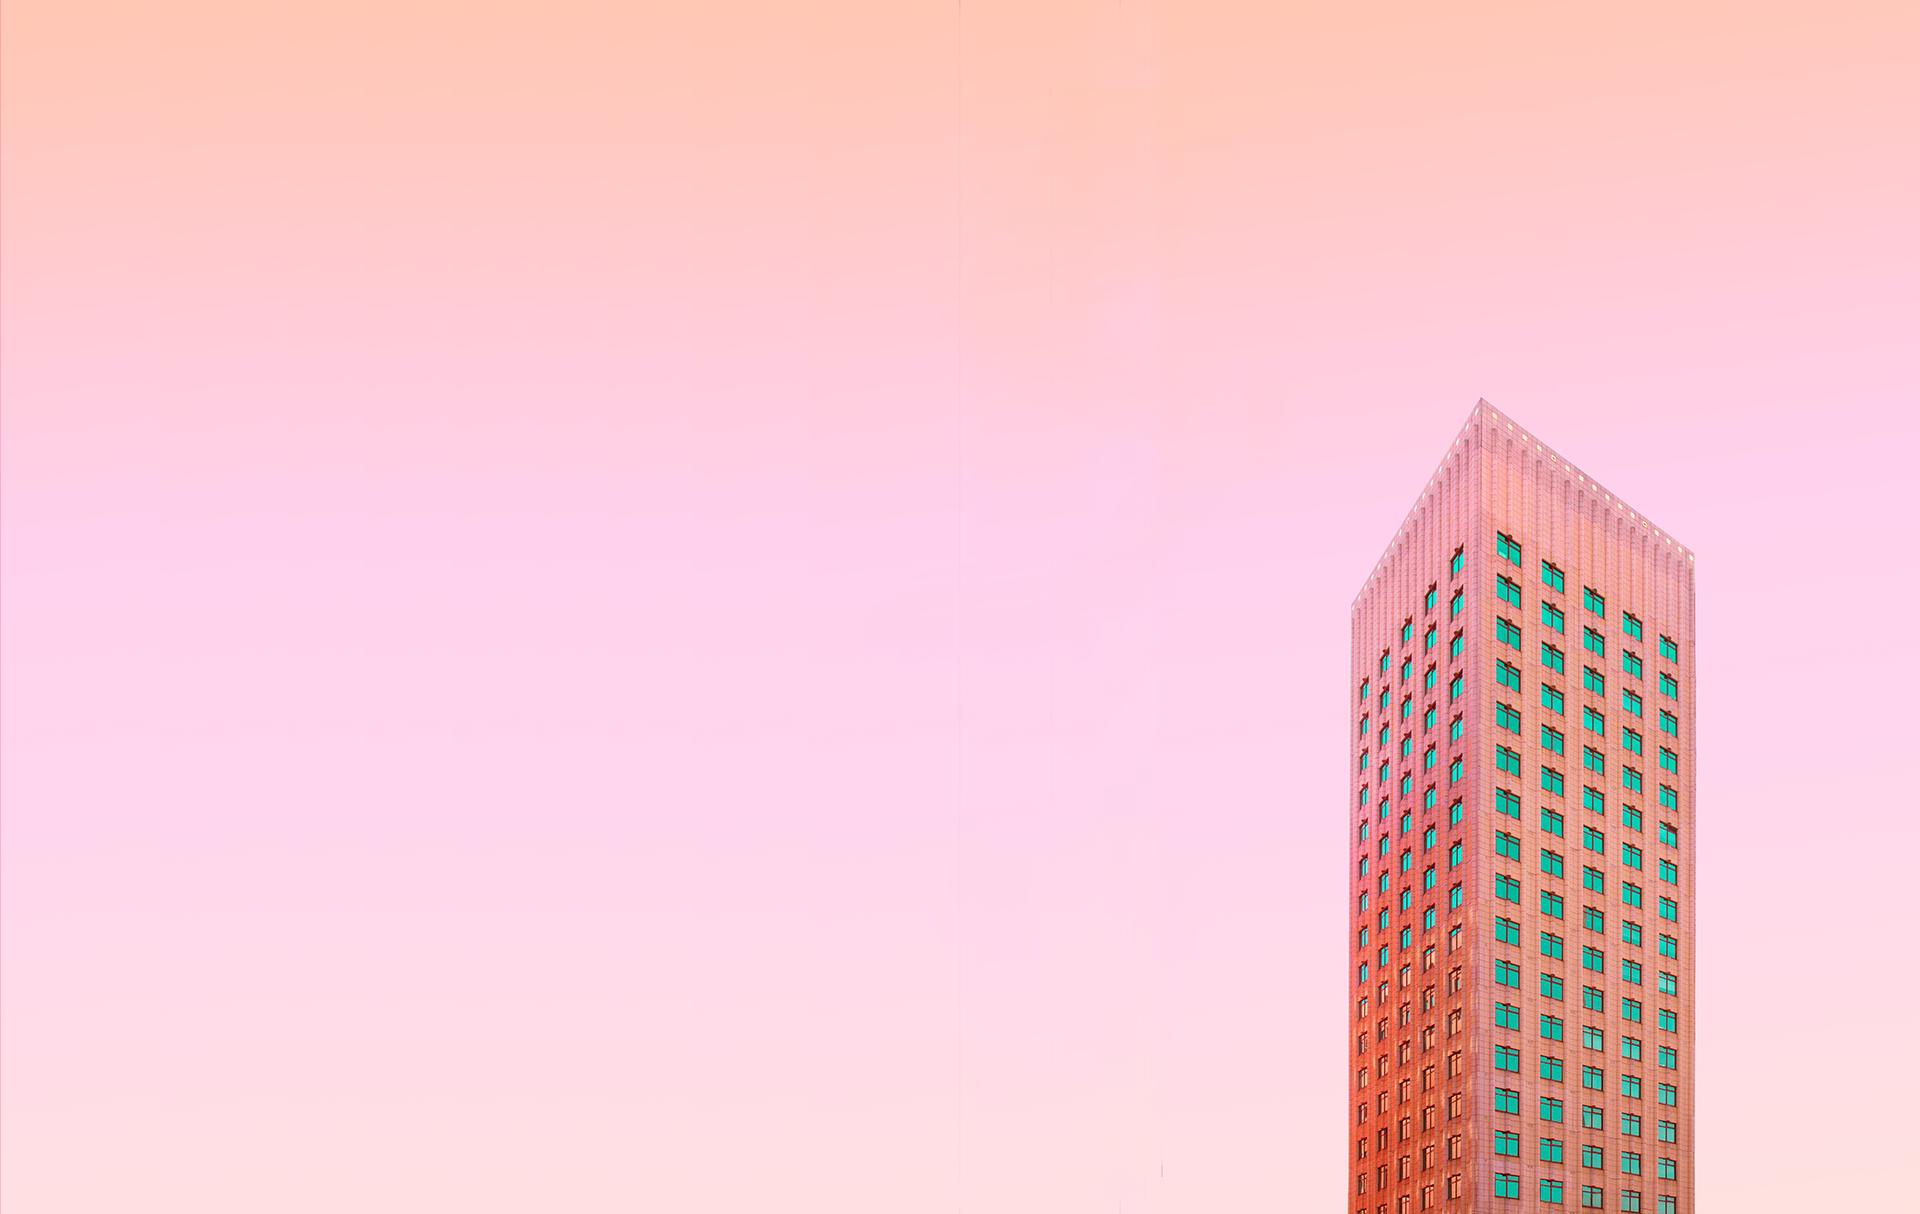 Hotéis criativos: transforme seu empreendimento com a tecnologia